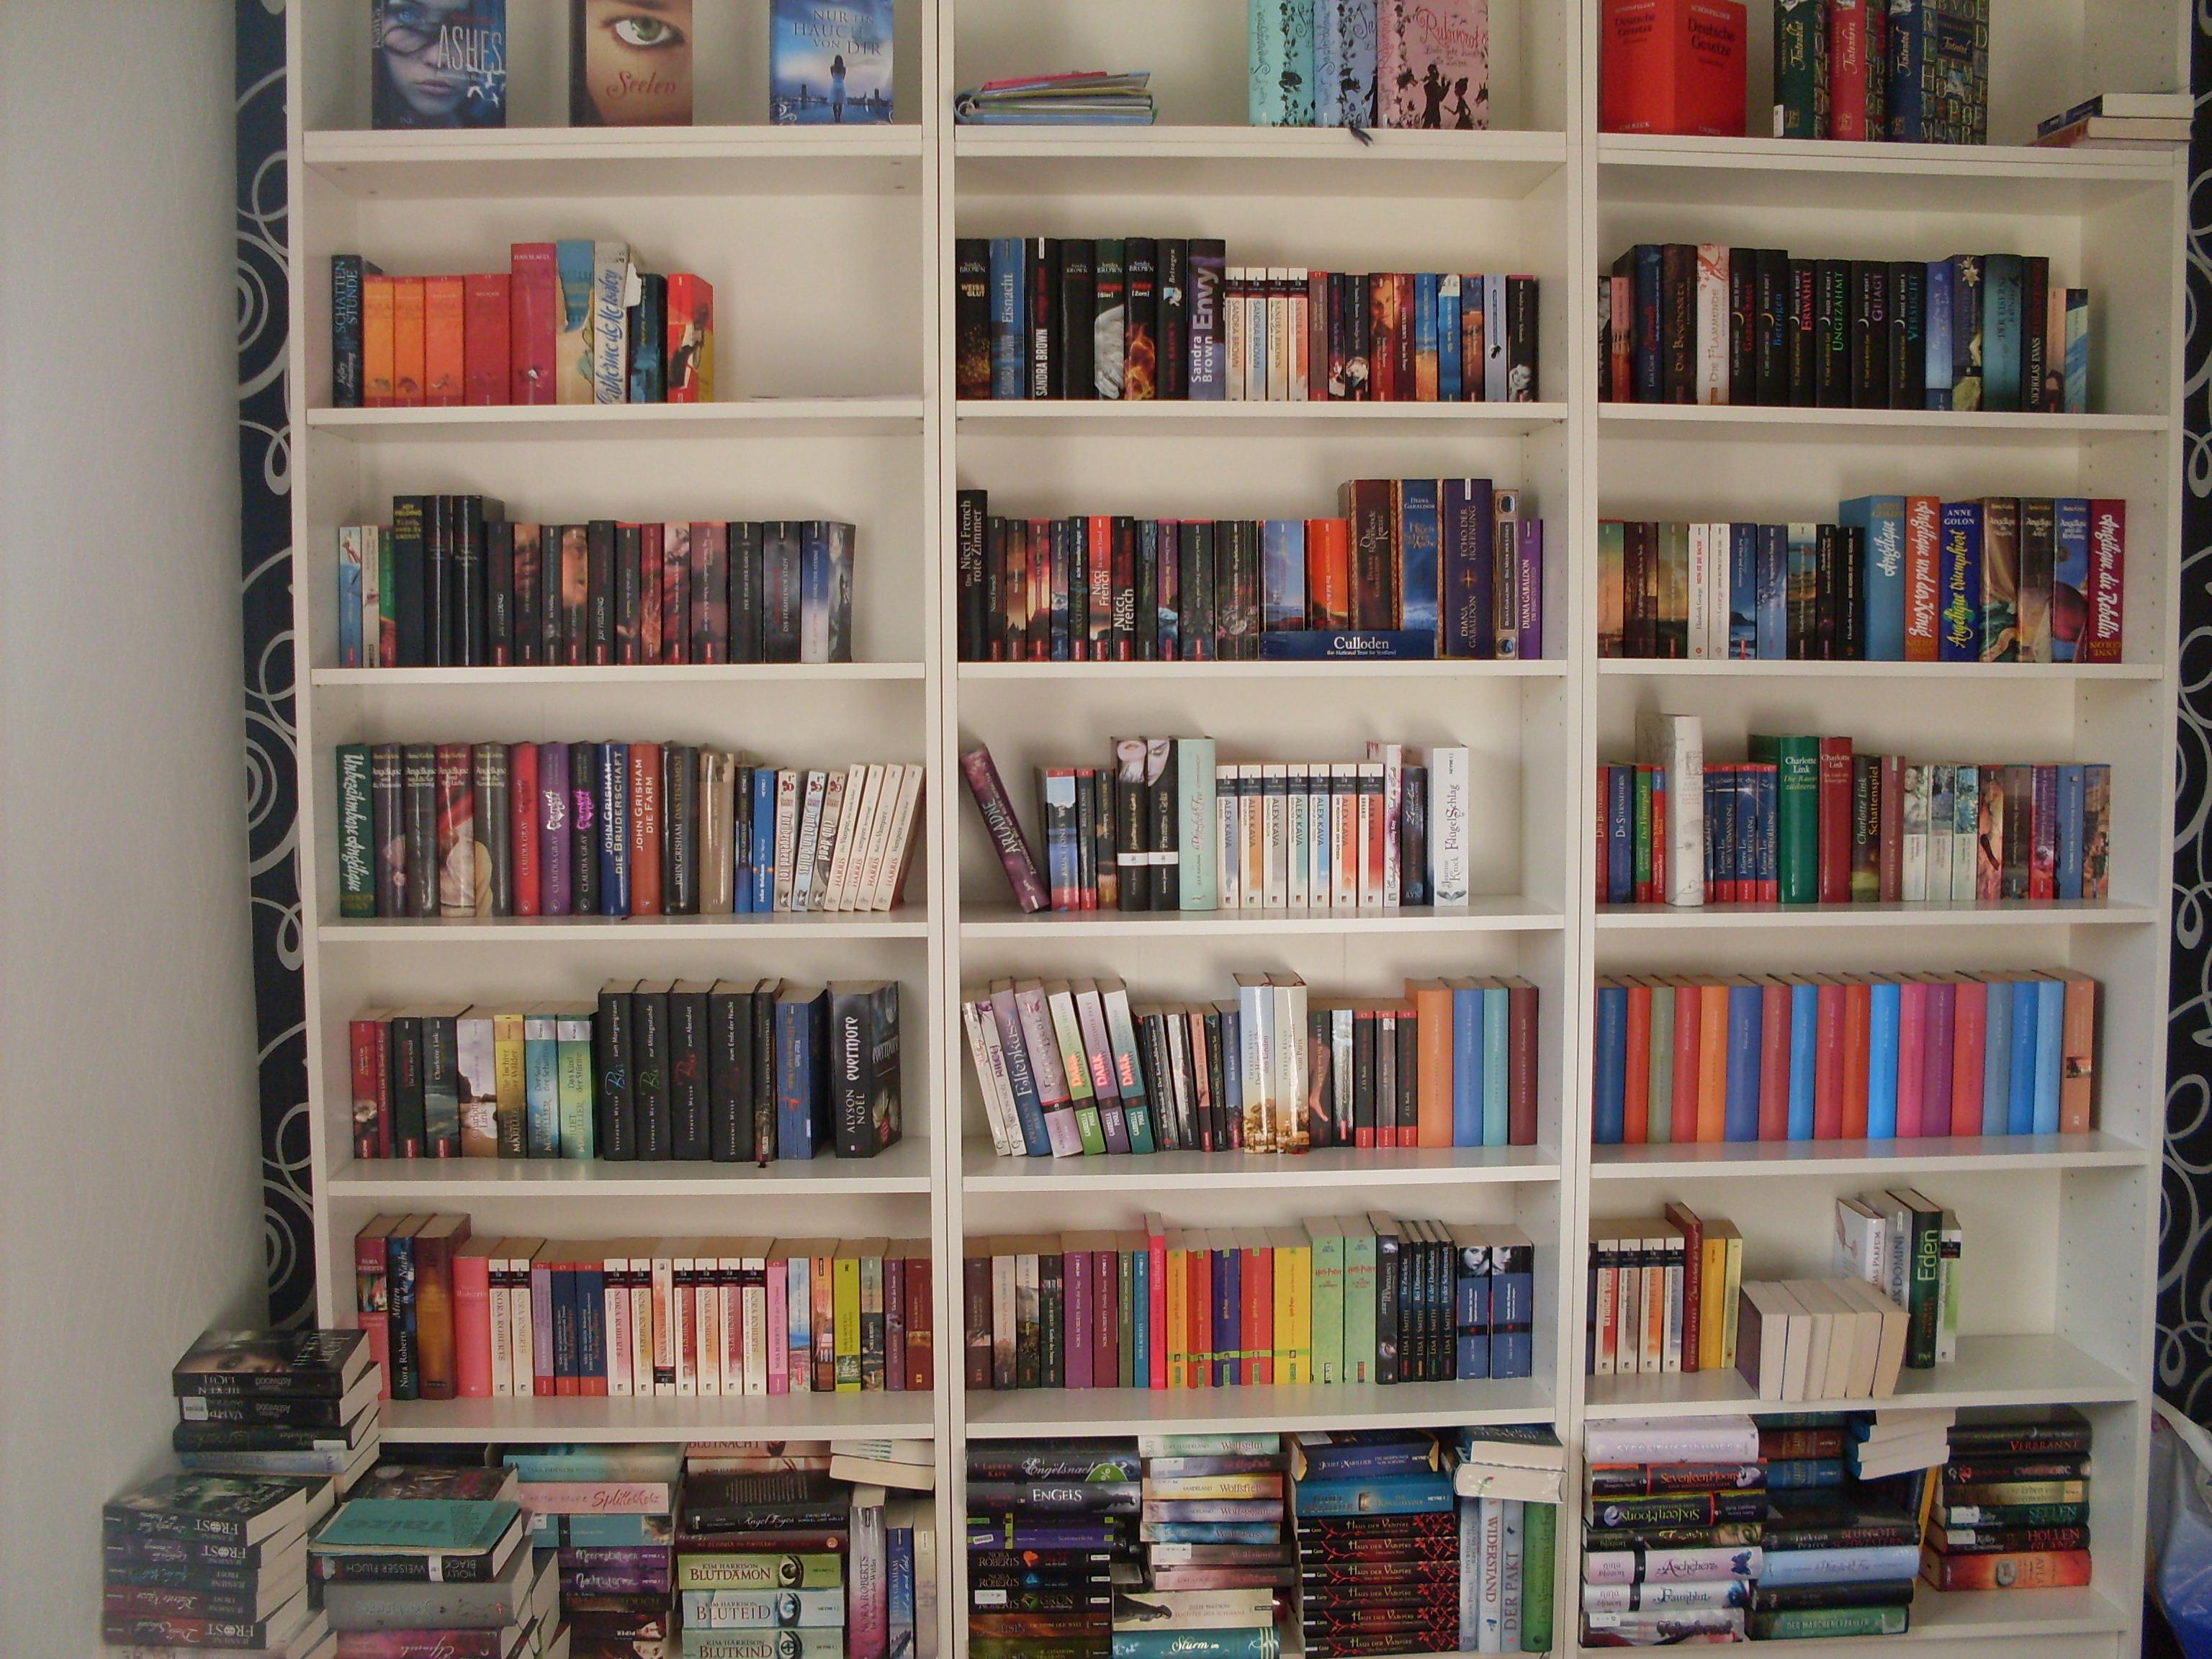 BUcherregal Bibliothek Holz ~ Trdelmarkt der Trume Was ich in meinen Trumen fhle, kann mir keine